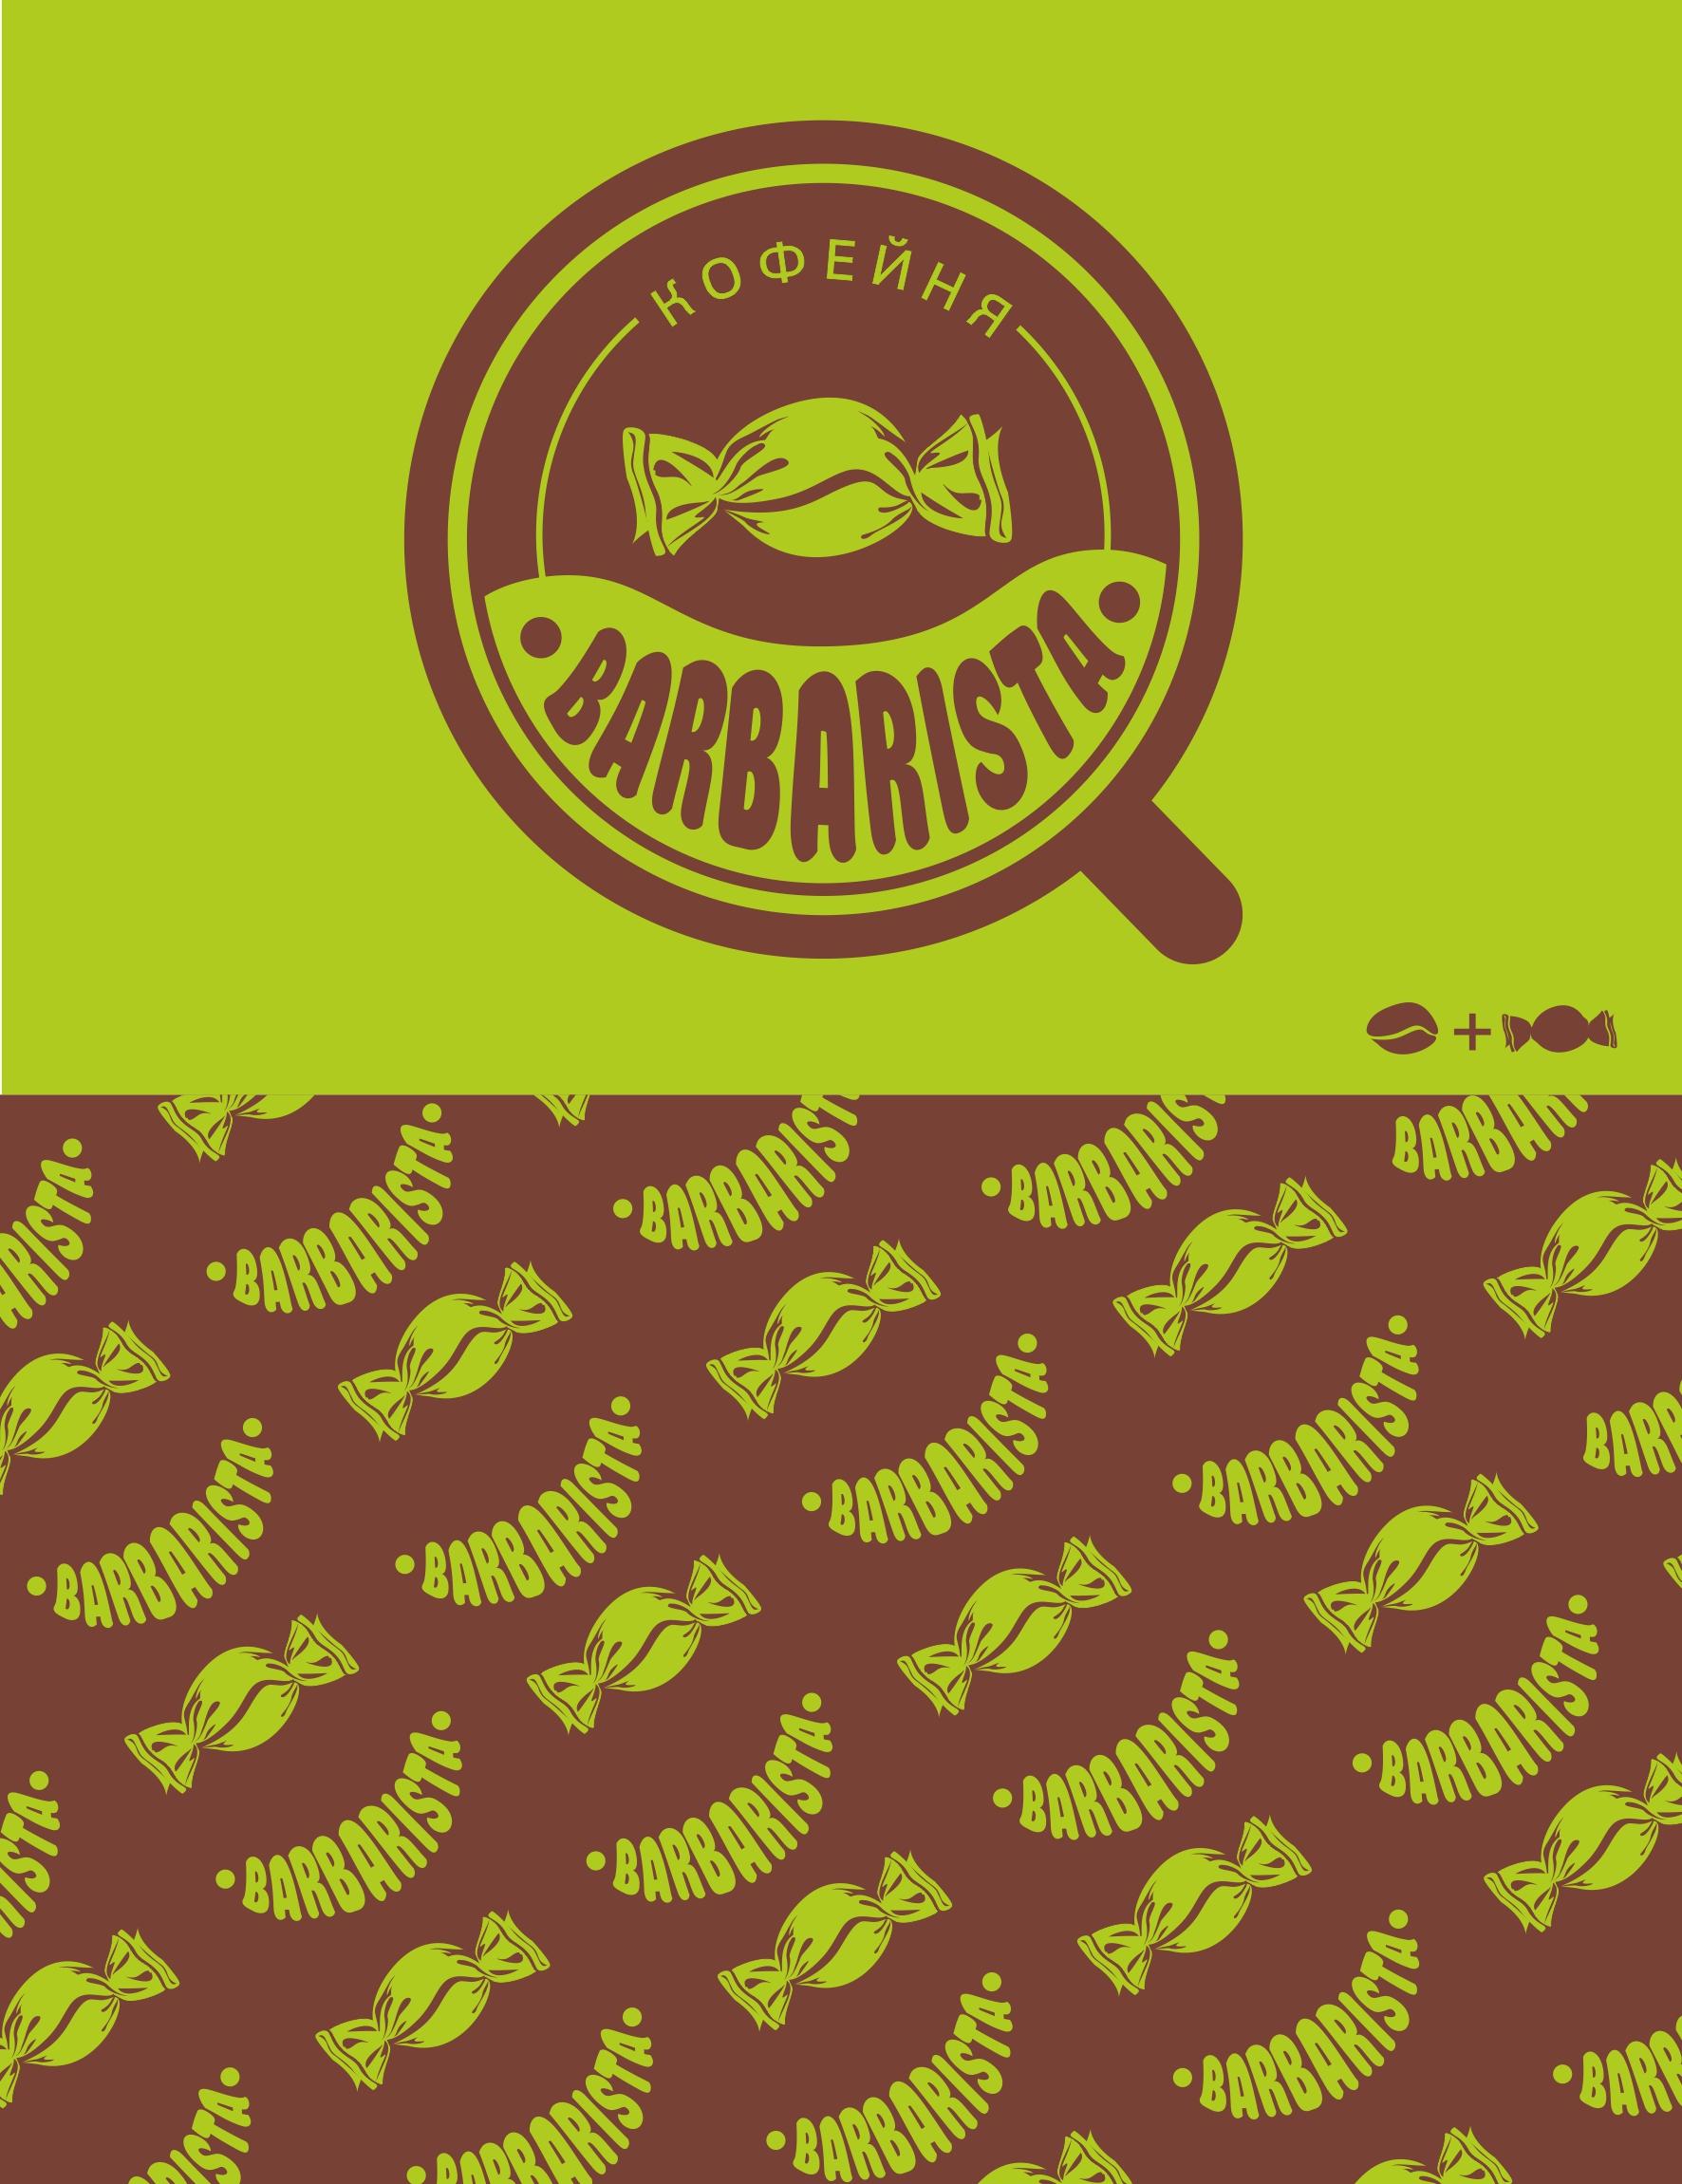 Название, цвета, логотип и дизайн оформления для сети кофеен фото f_3635ba7e61bcf8e6.jpg